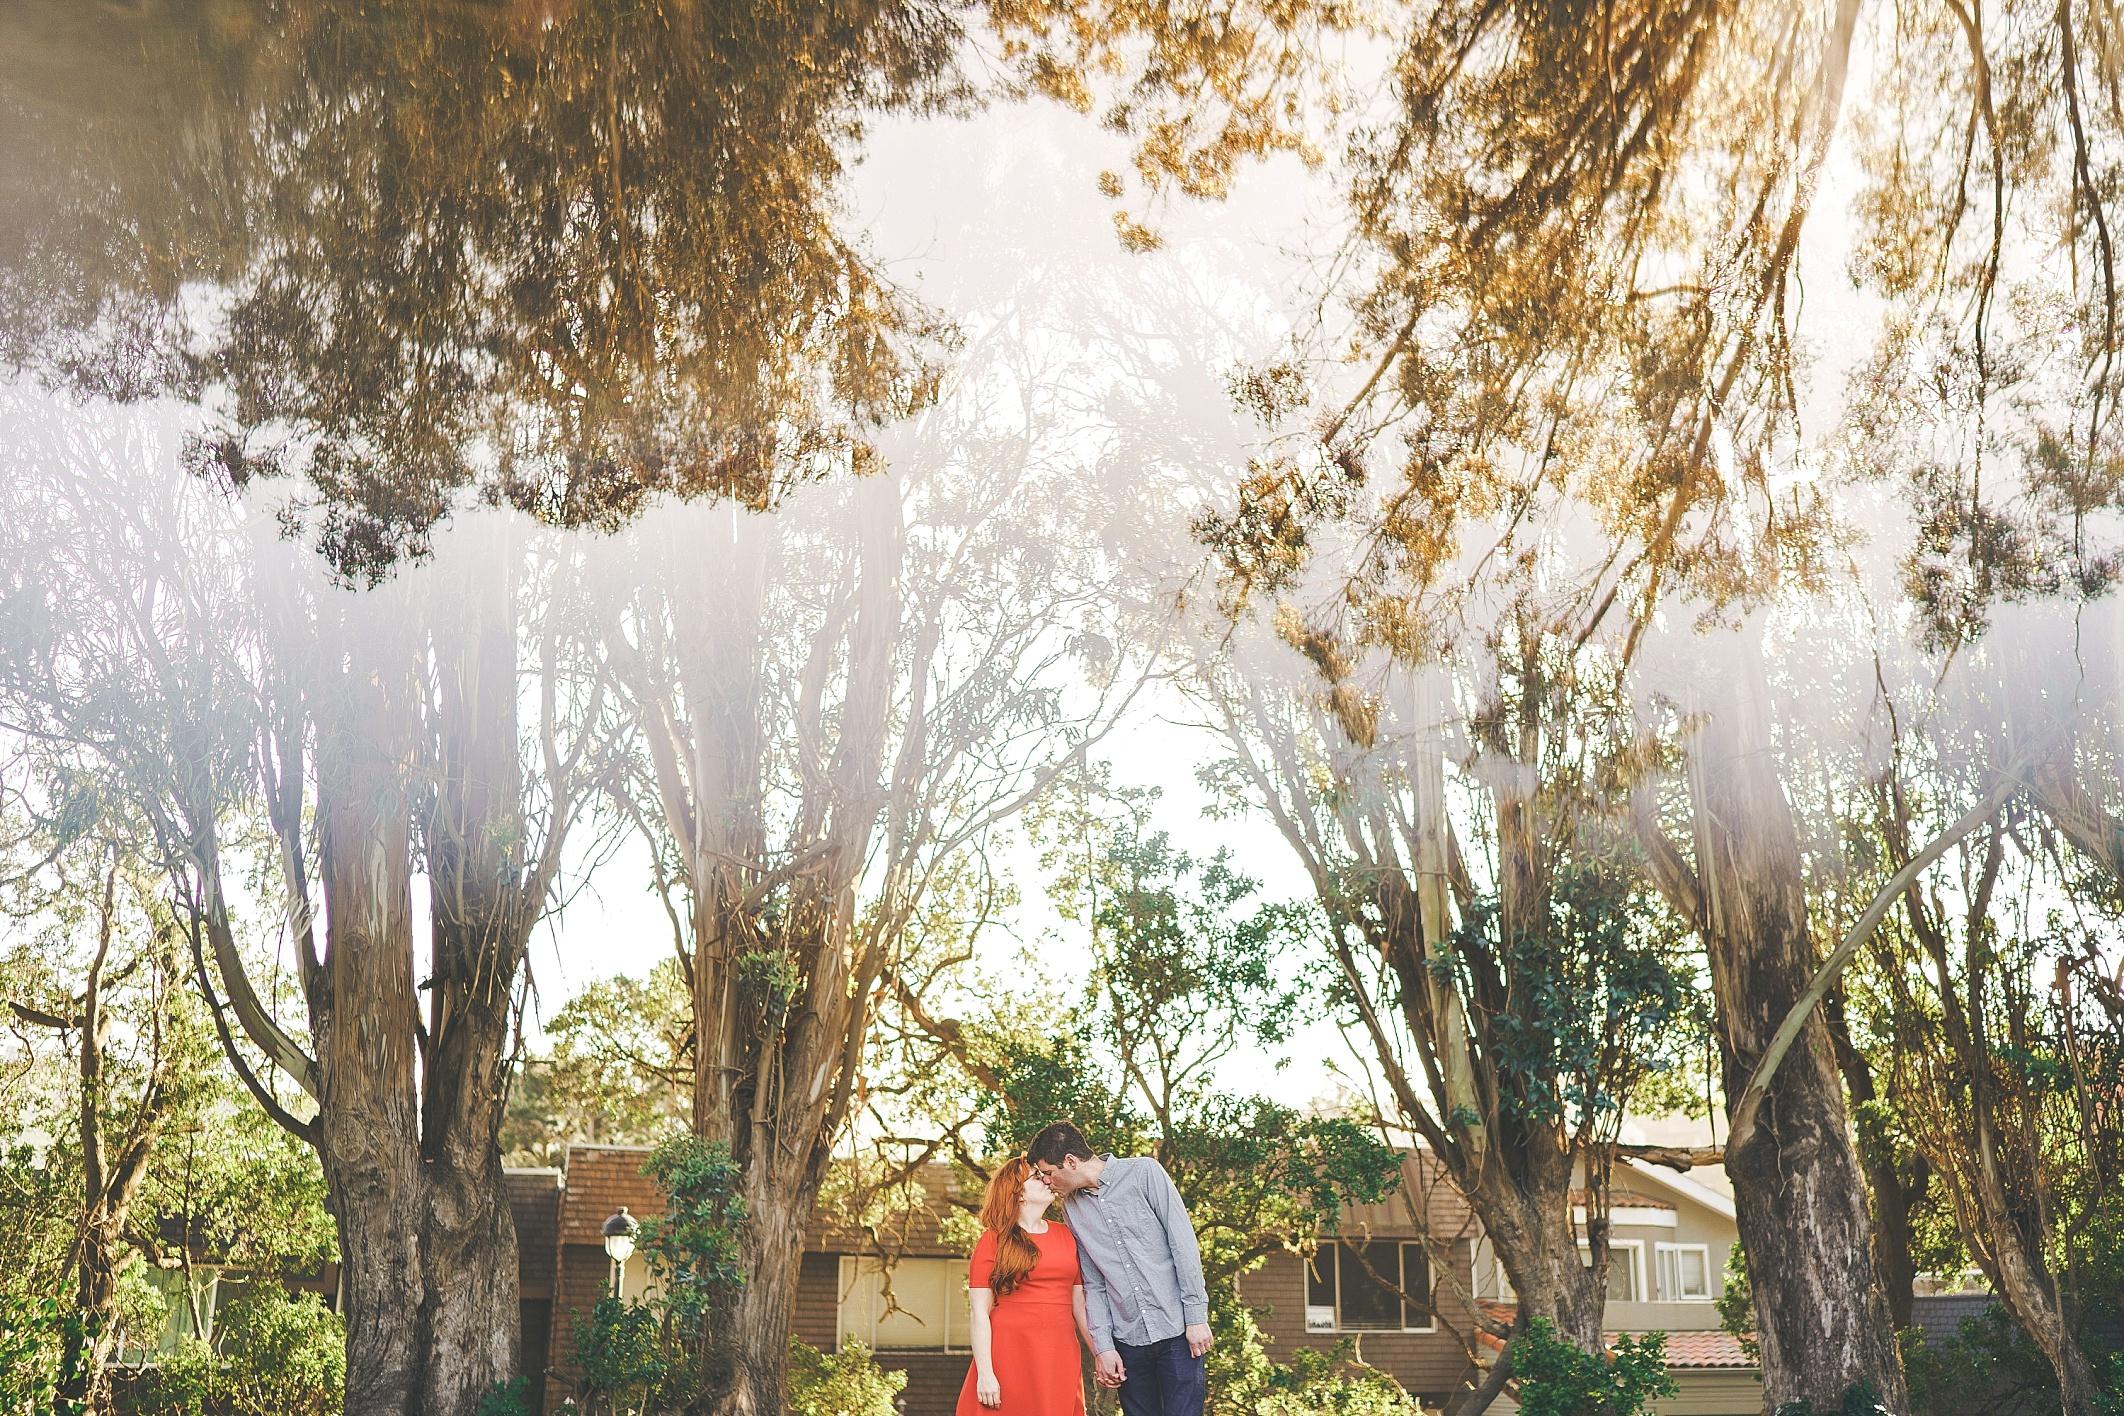 sanfrancisco-engagement-wedding-photographer-dayton-ohio_0388.jpg